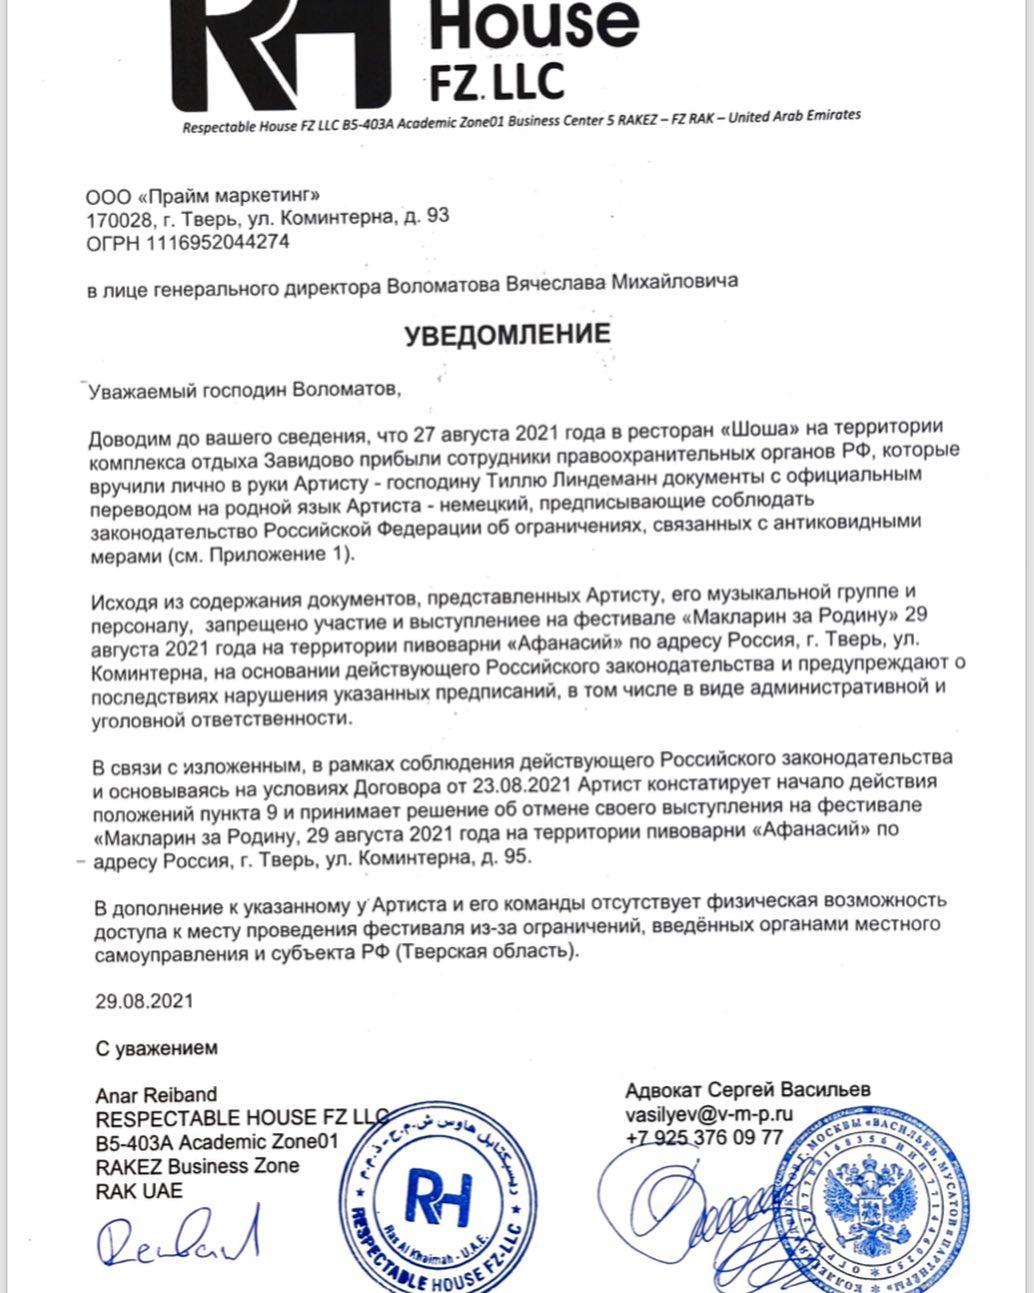 Тиль Линдеманн отказался выступать в России после визита силовиков в его номер